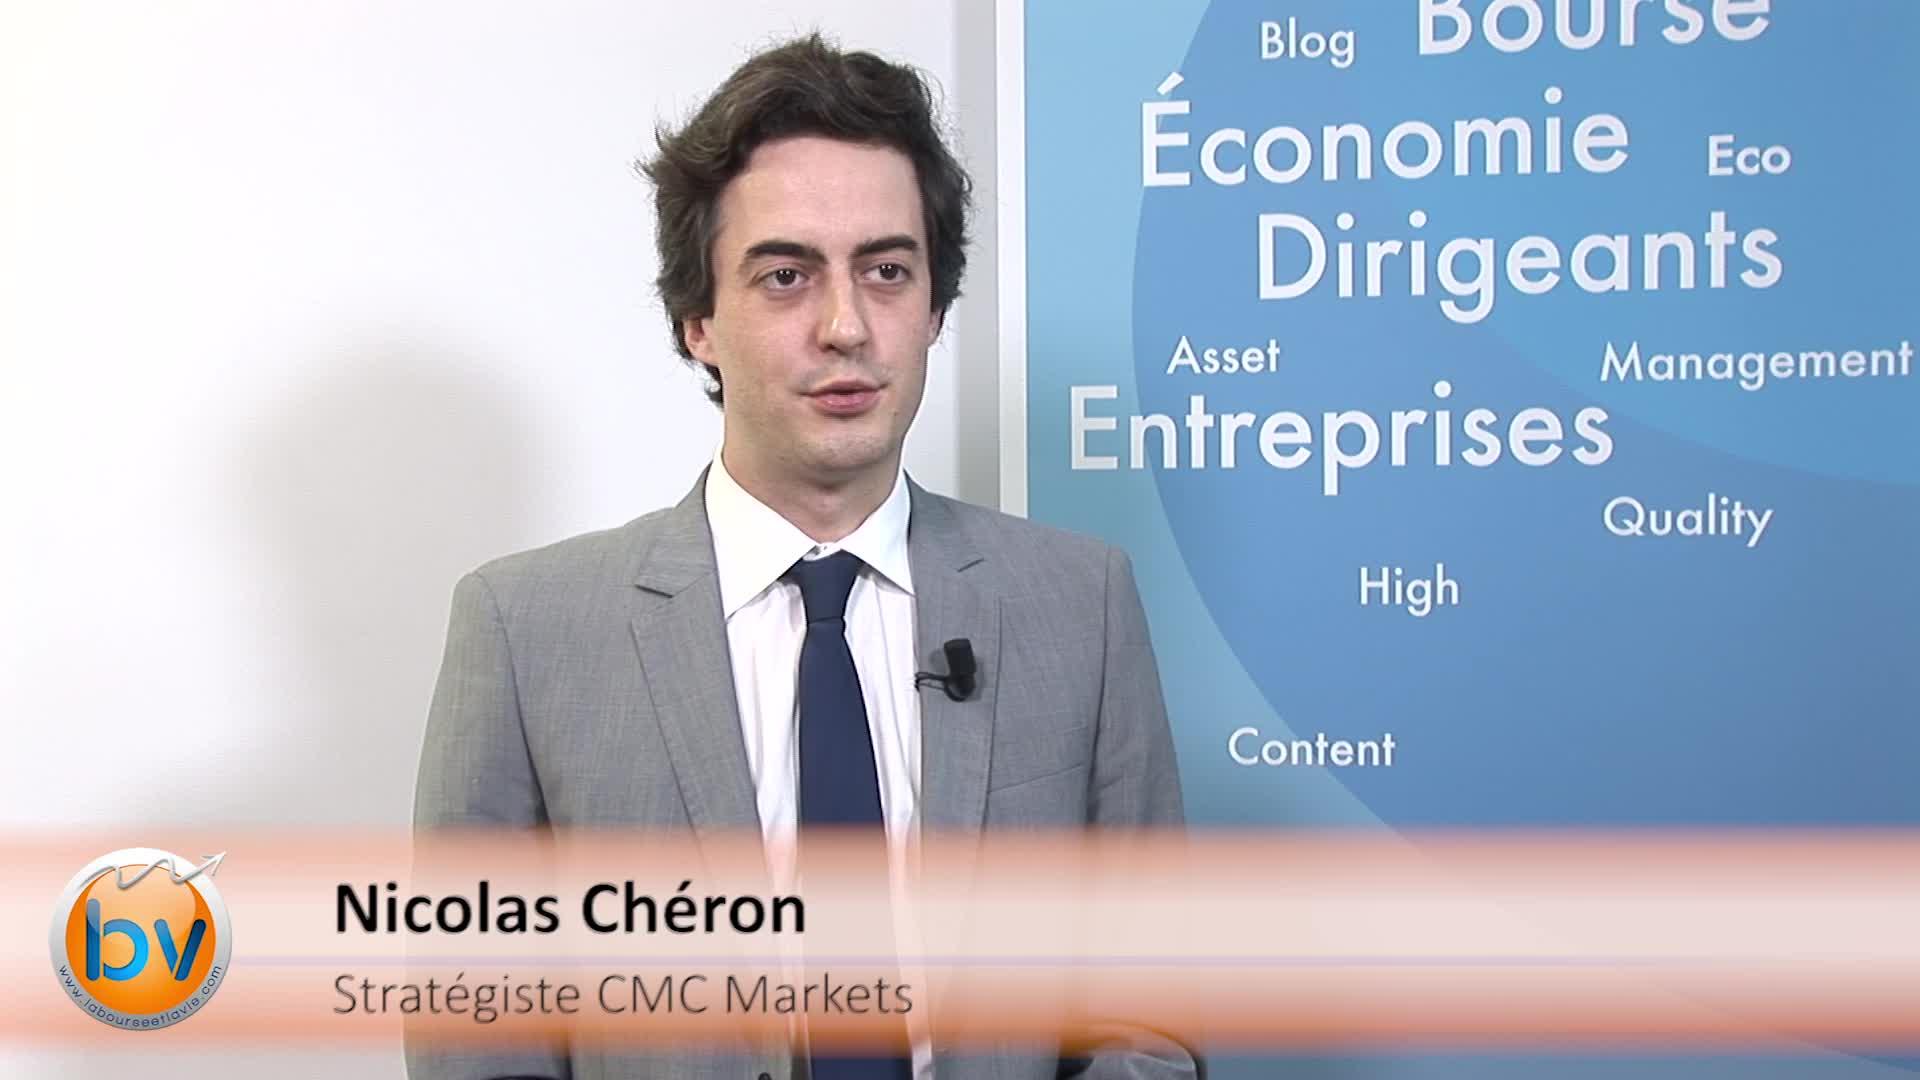 """Nicolas Chéron Stratégiste CMC Markets : """"Il ne faut pas se précipiter trop rapidement sur les marchés émergents"""""""